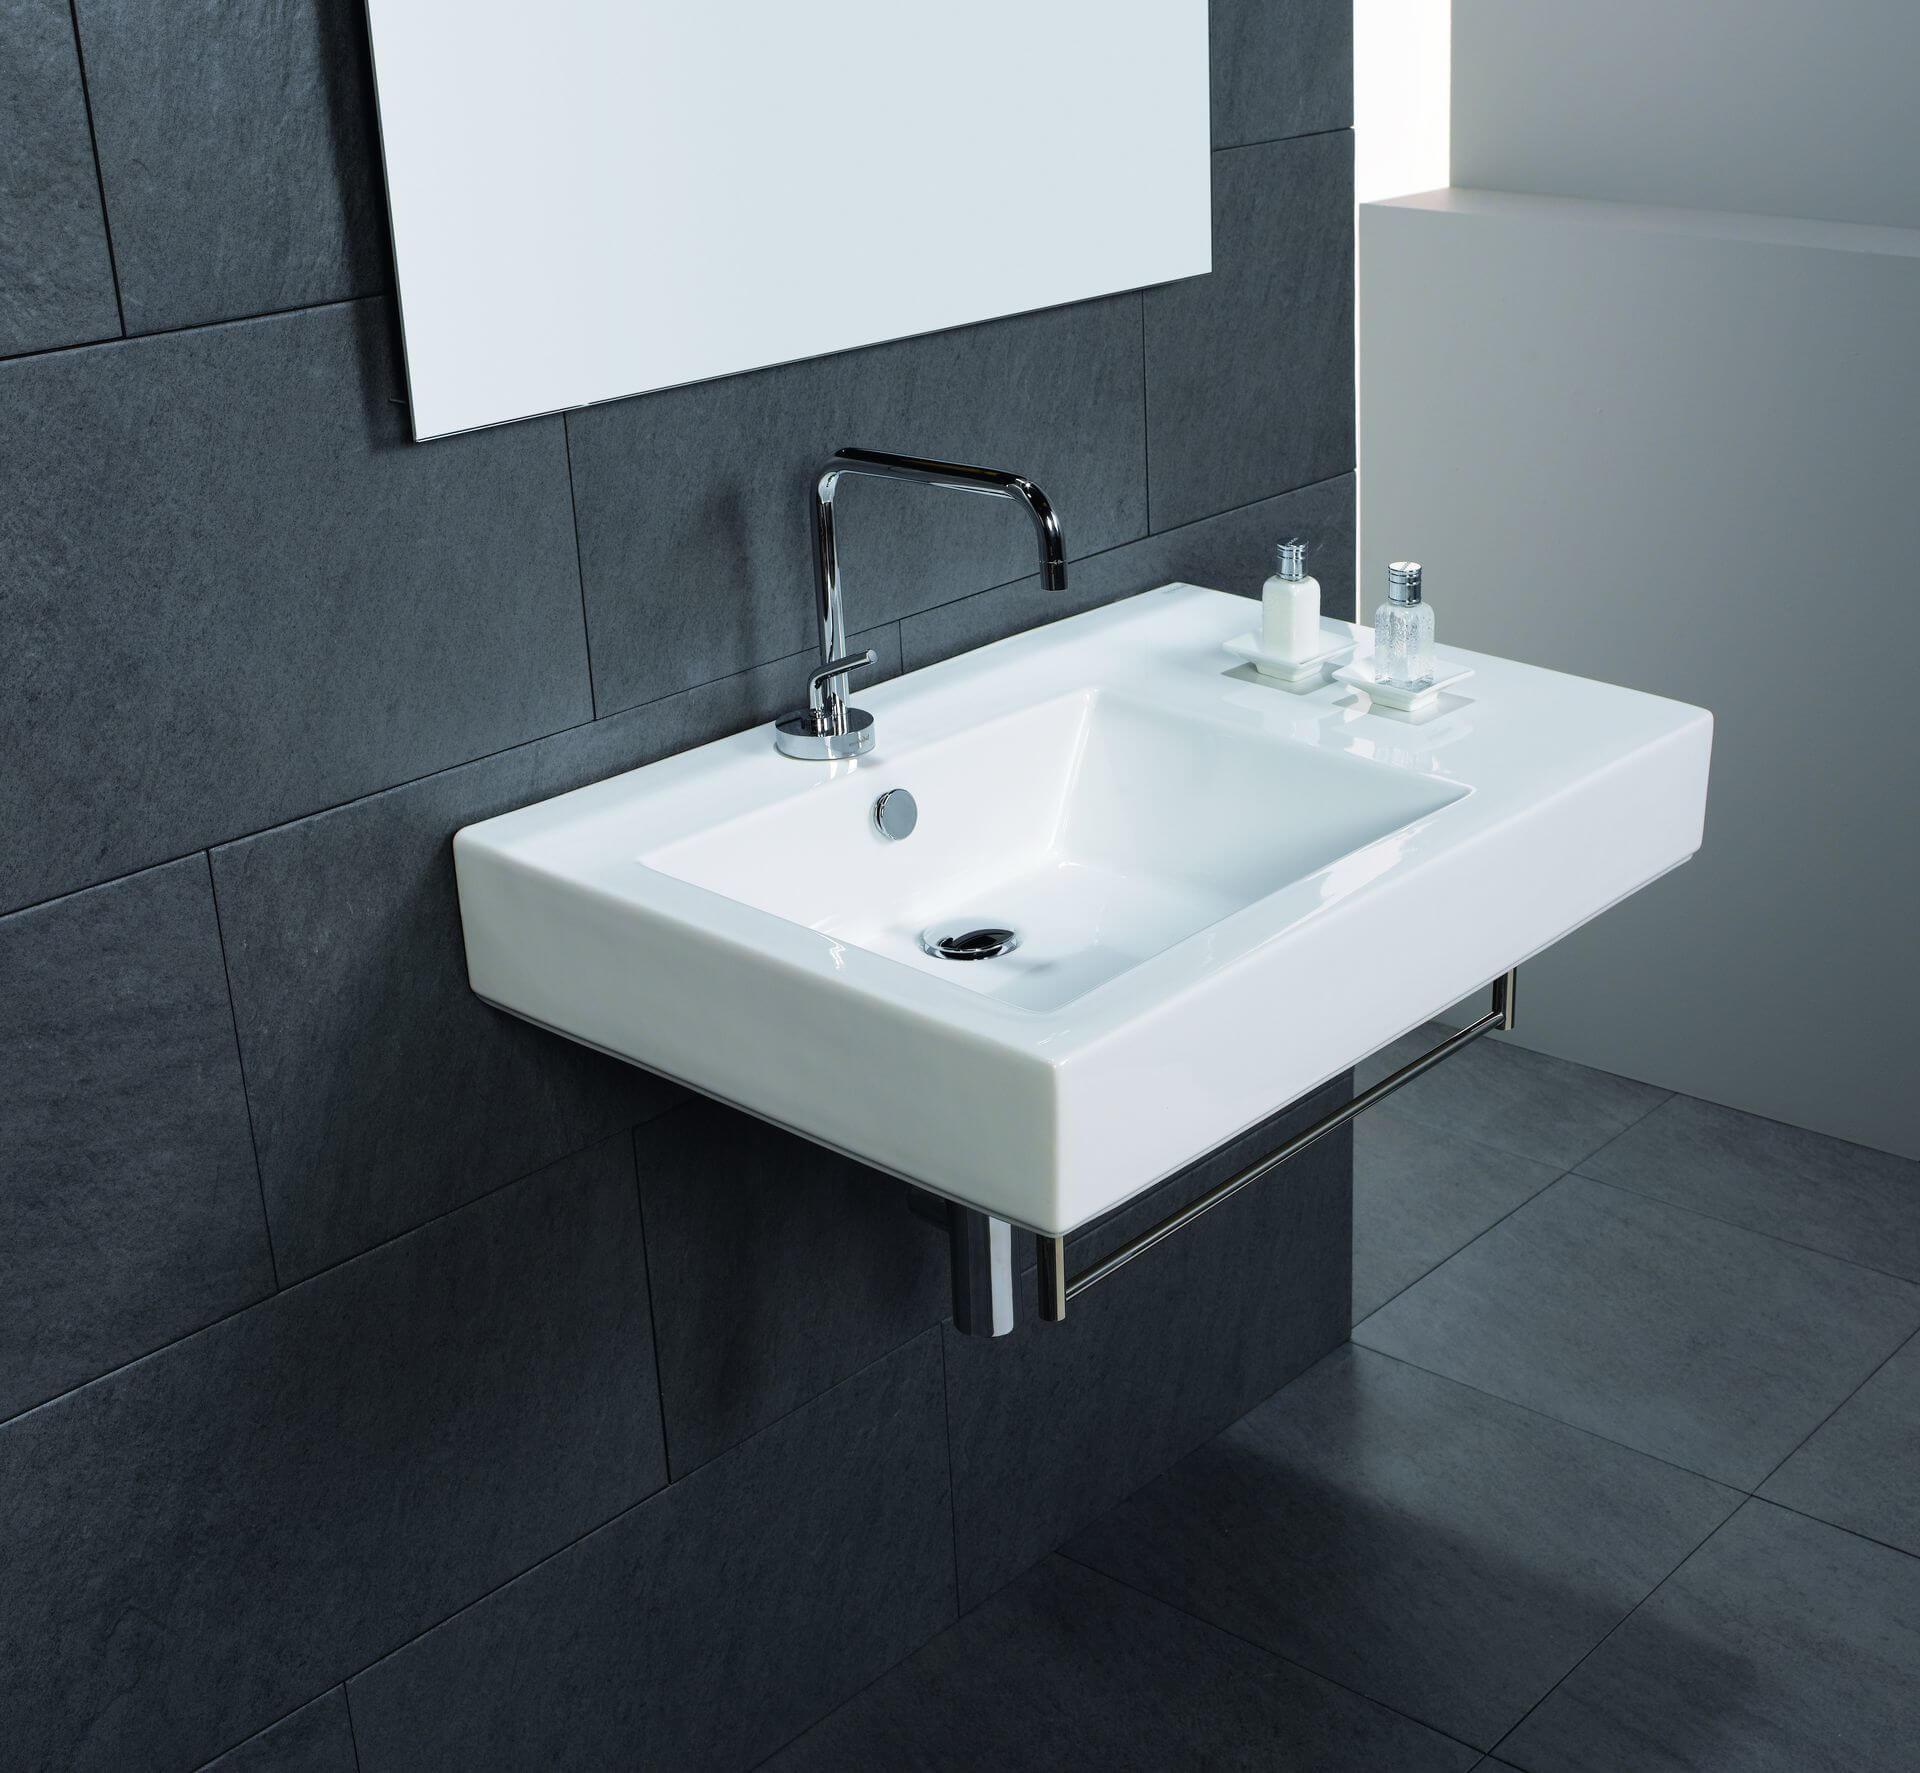 Раковина в ванную комнату - выбор специалистов 1 | Дока-Мастер